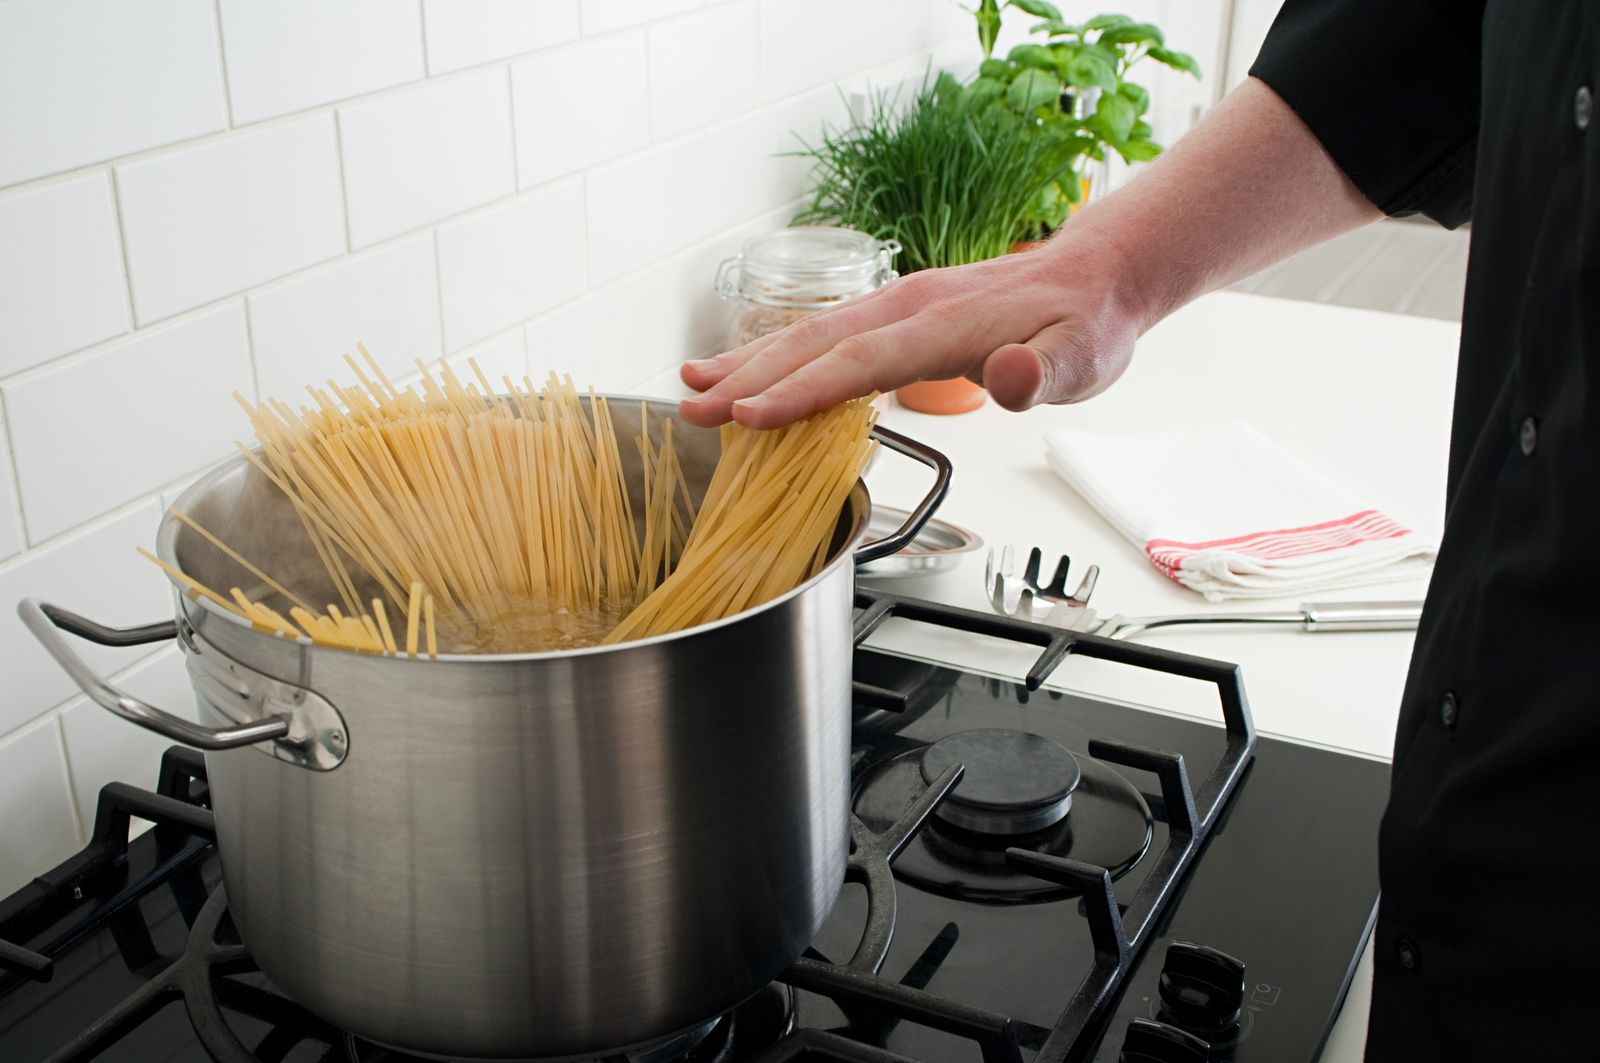 NICHT MEHR VERWENDEN! - Spaghetti